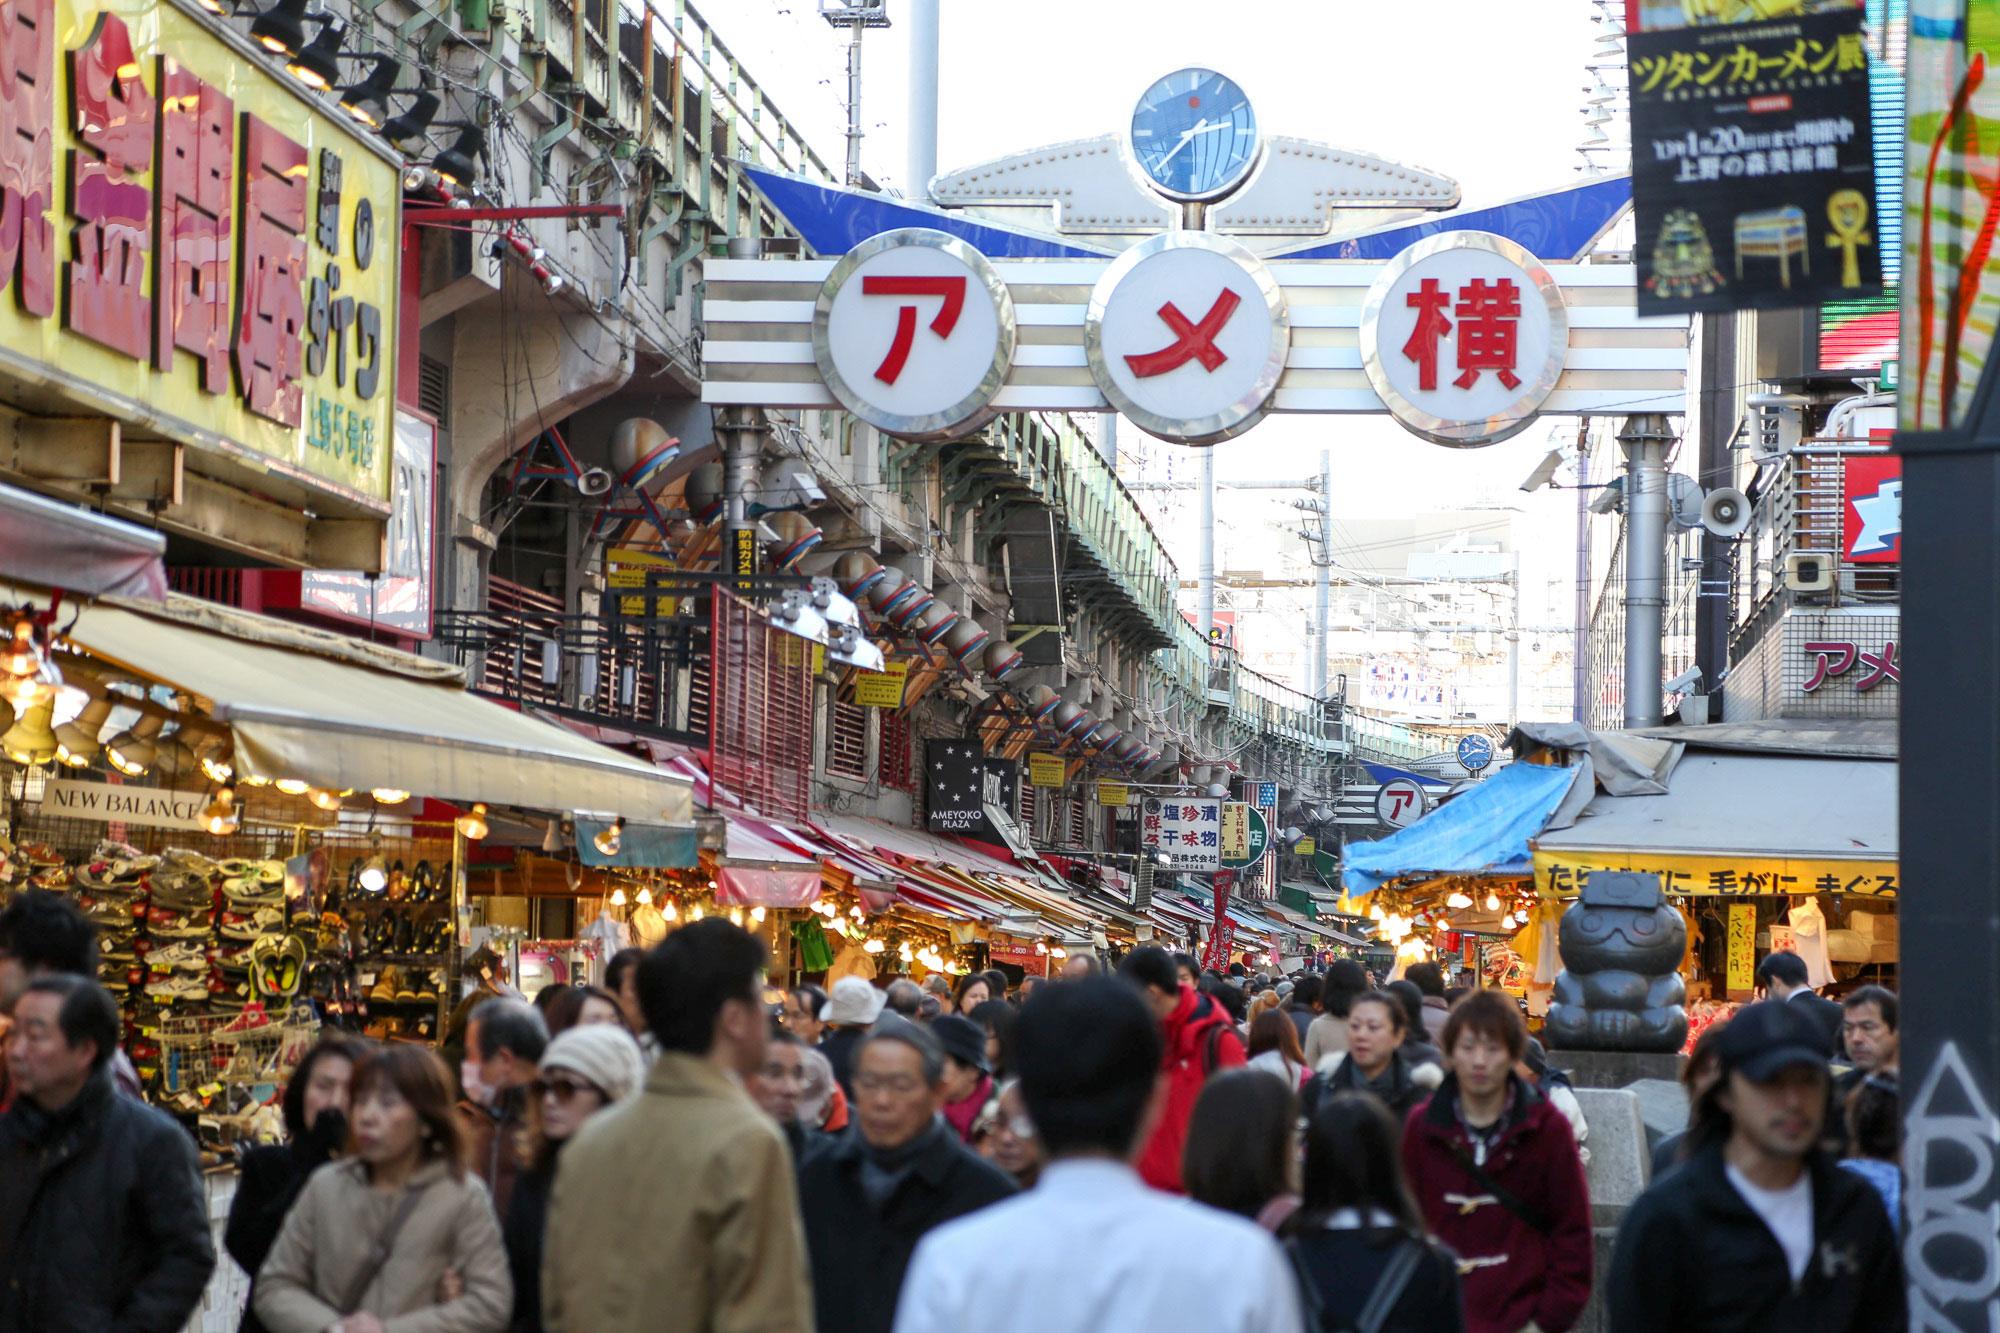 Por que a capital do Japão se mudou de Kyoto para Tokyo?